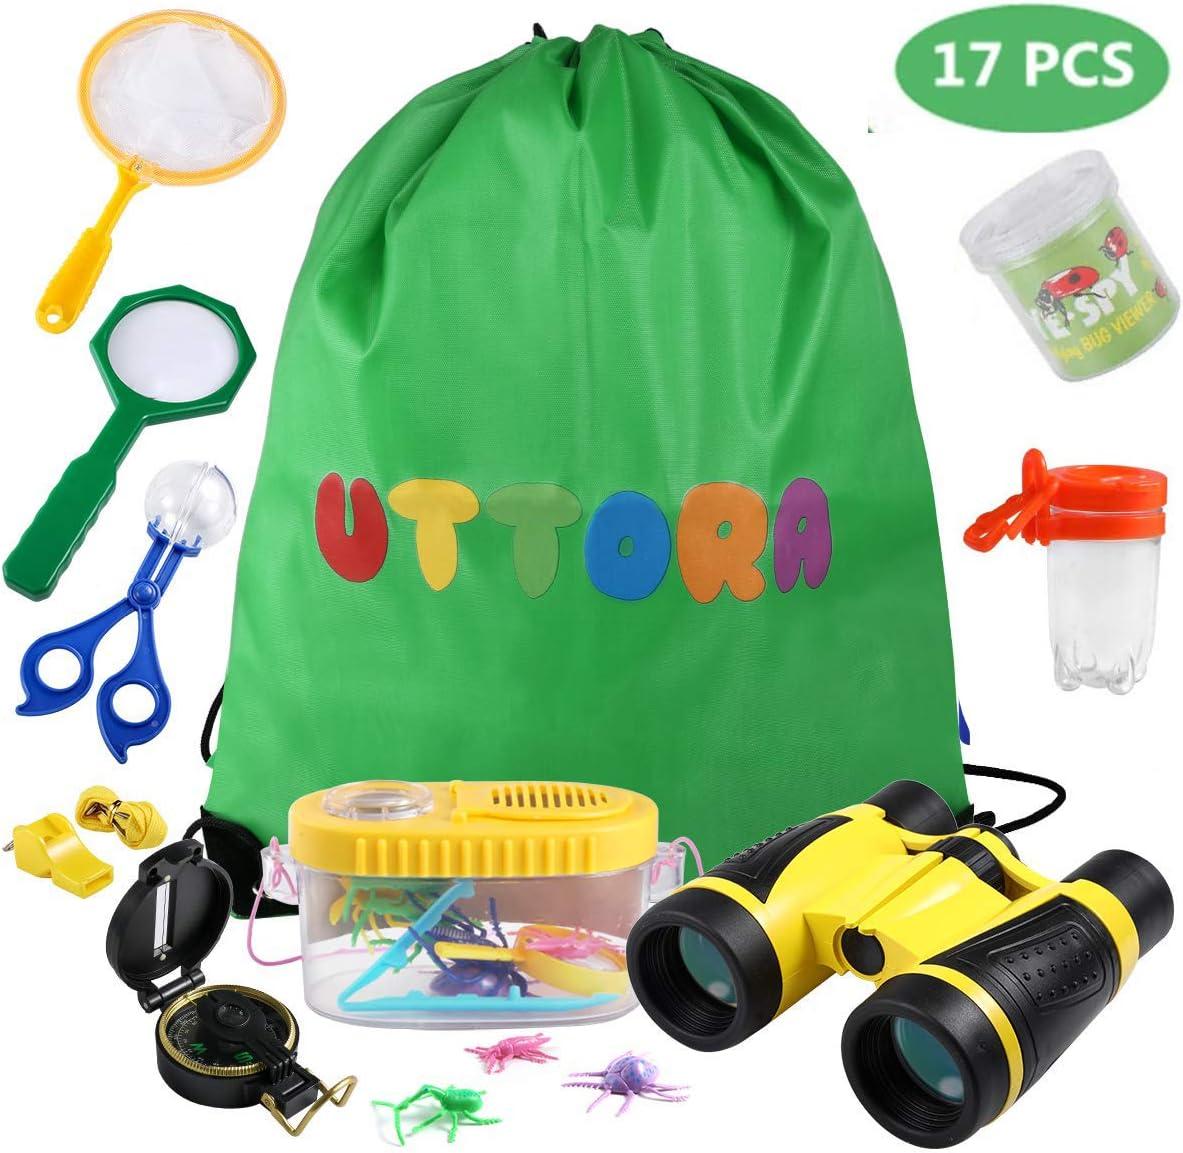 UTTORA Prismaticos niños,Kit de Binoculares para Niños ,Regalos para niños,Kit Explorador niños,Juguetes niños 3-12 de Aventura al Aire Libre Juguetes educativos(17Piezas)